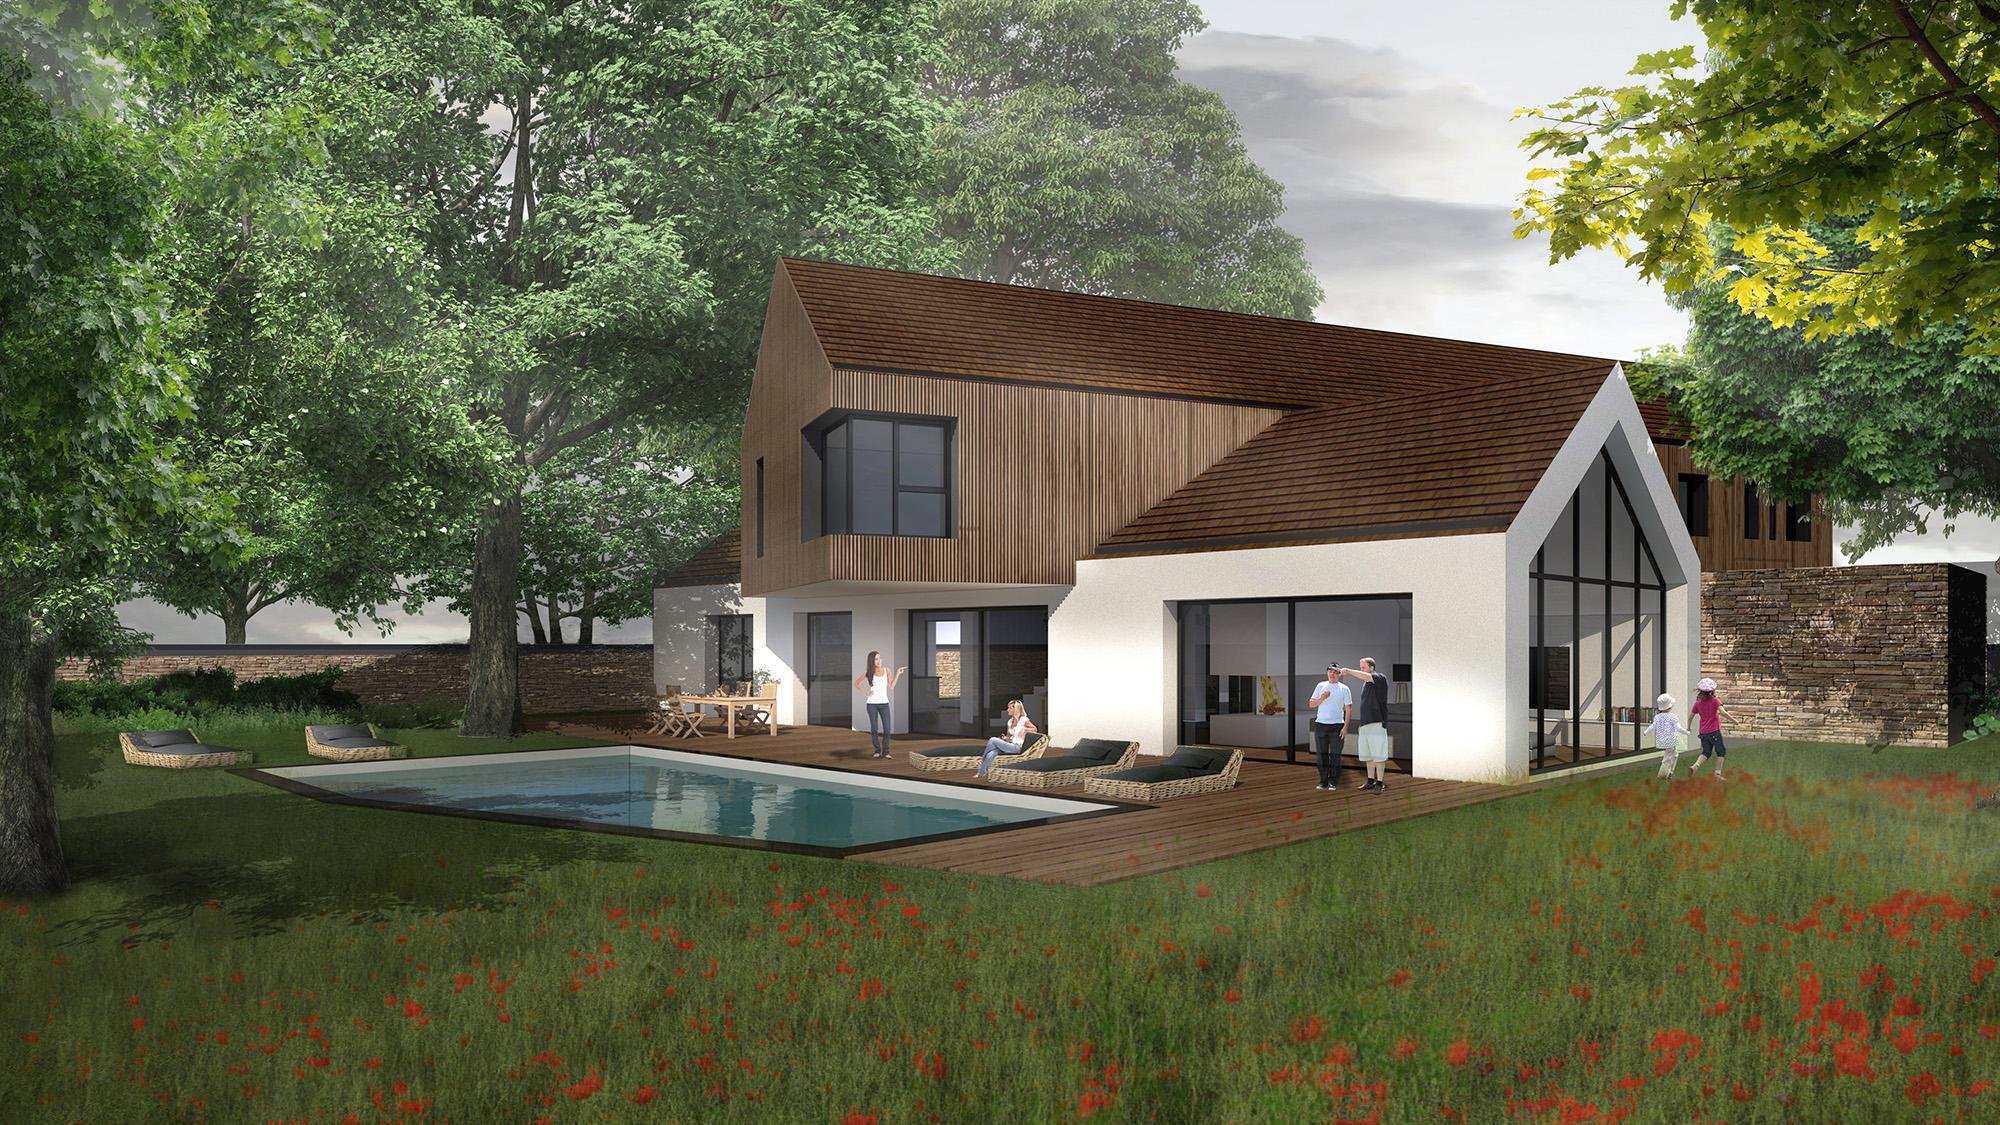 Chouette-architecture-villa-Fixin-2000-2